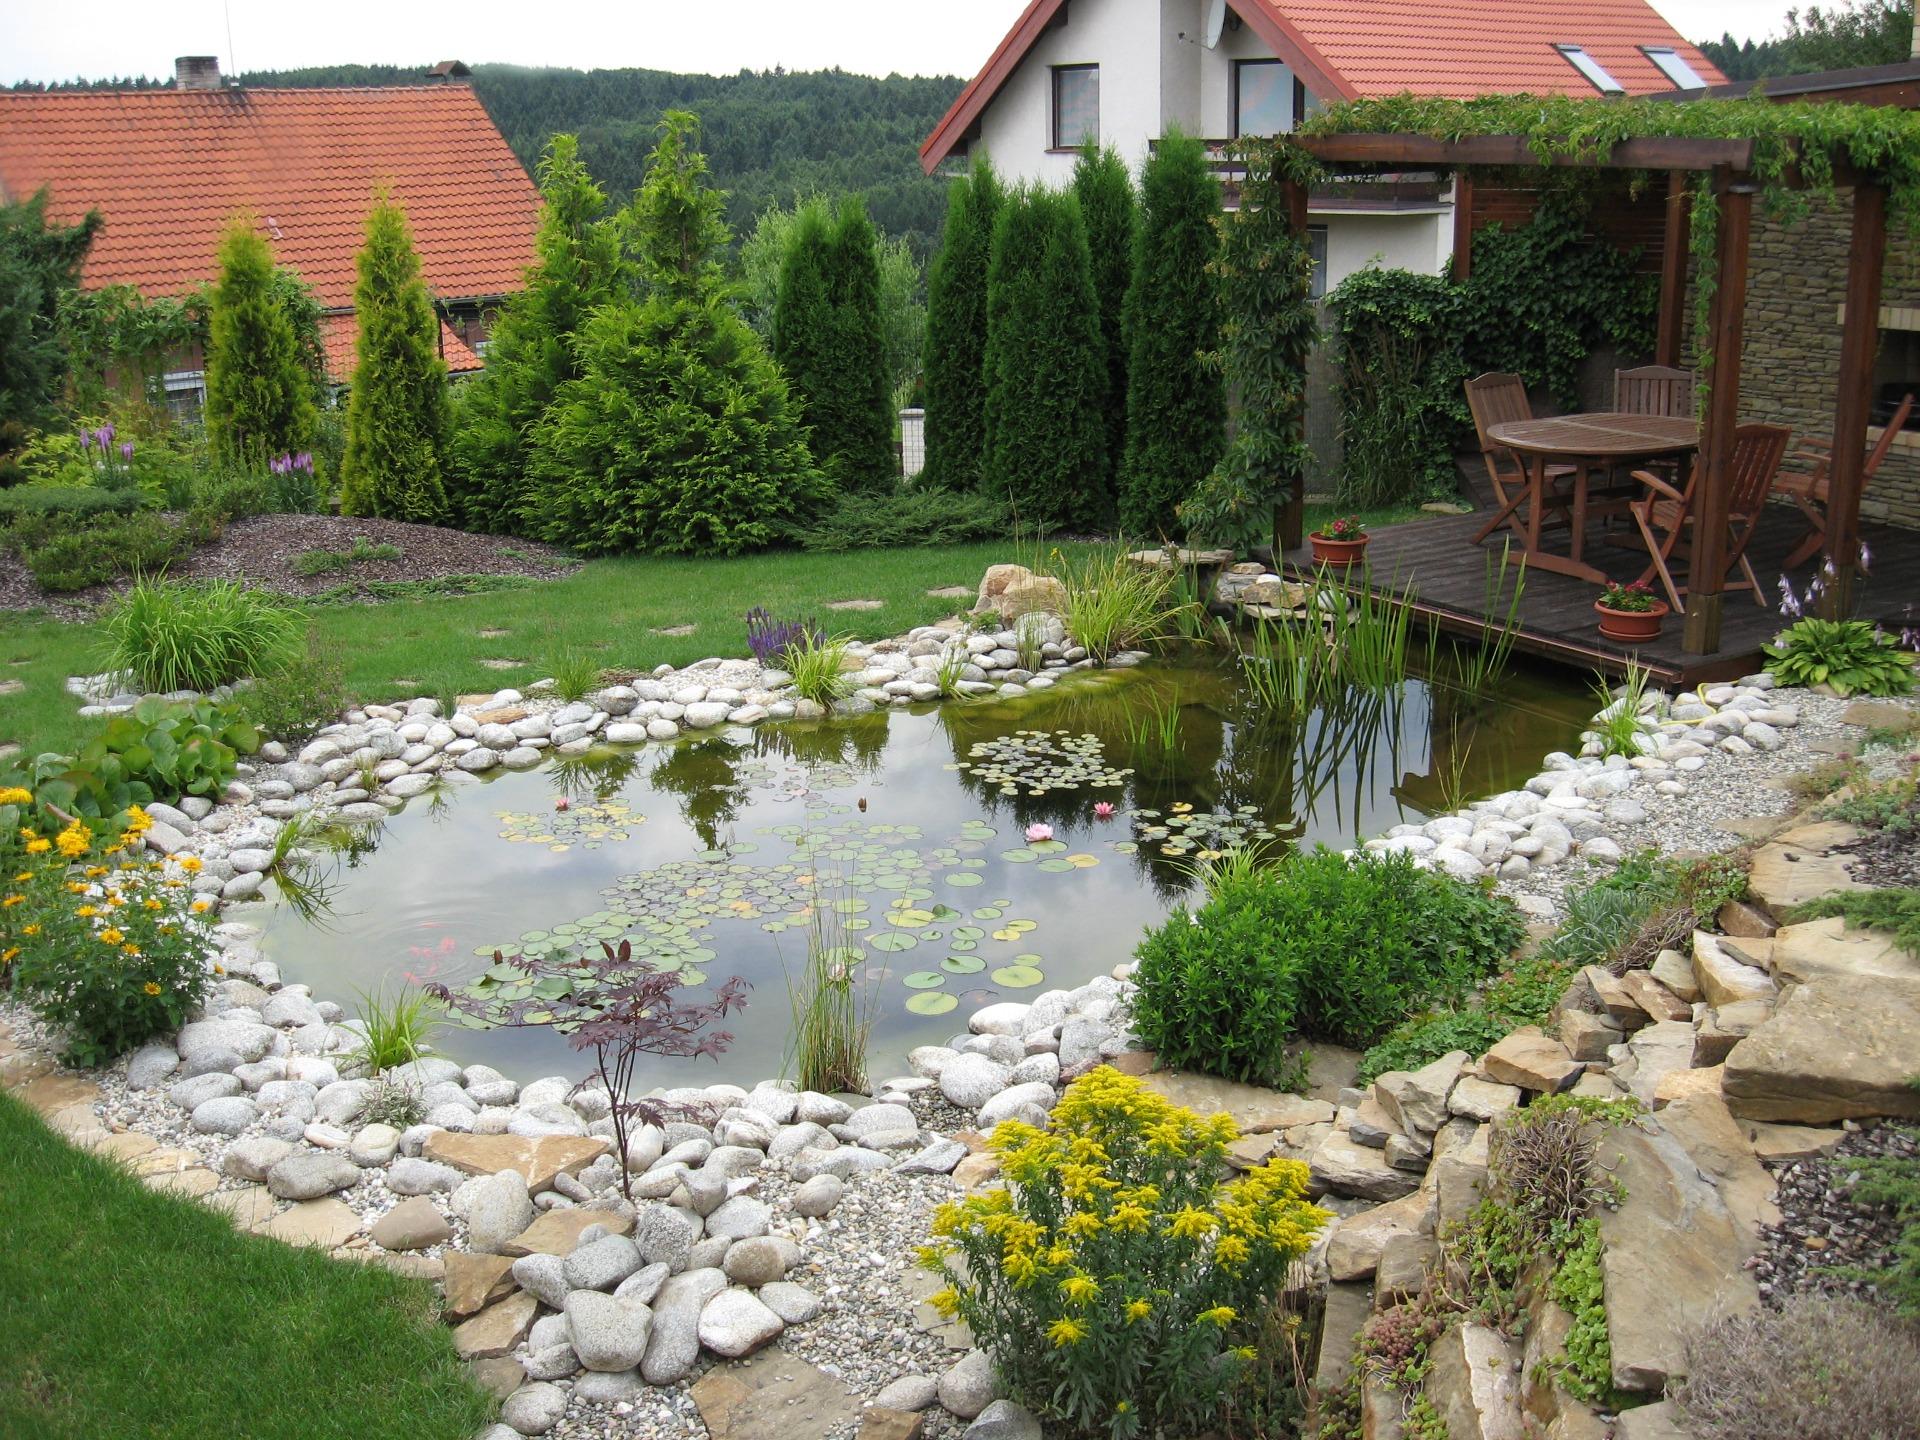 Vybudování zahradního posezení i jezírka, zahrady na klíč